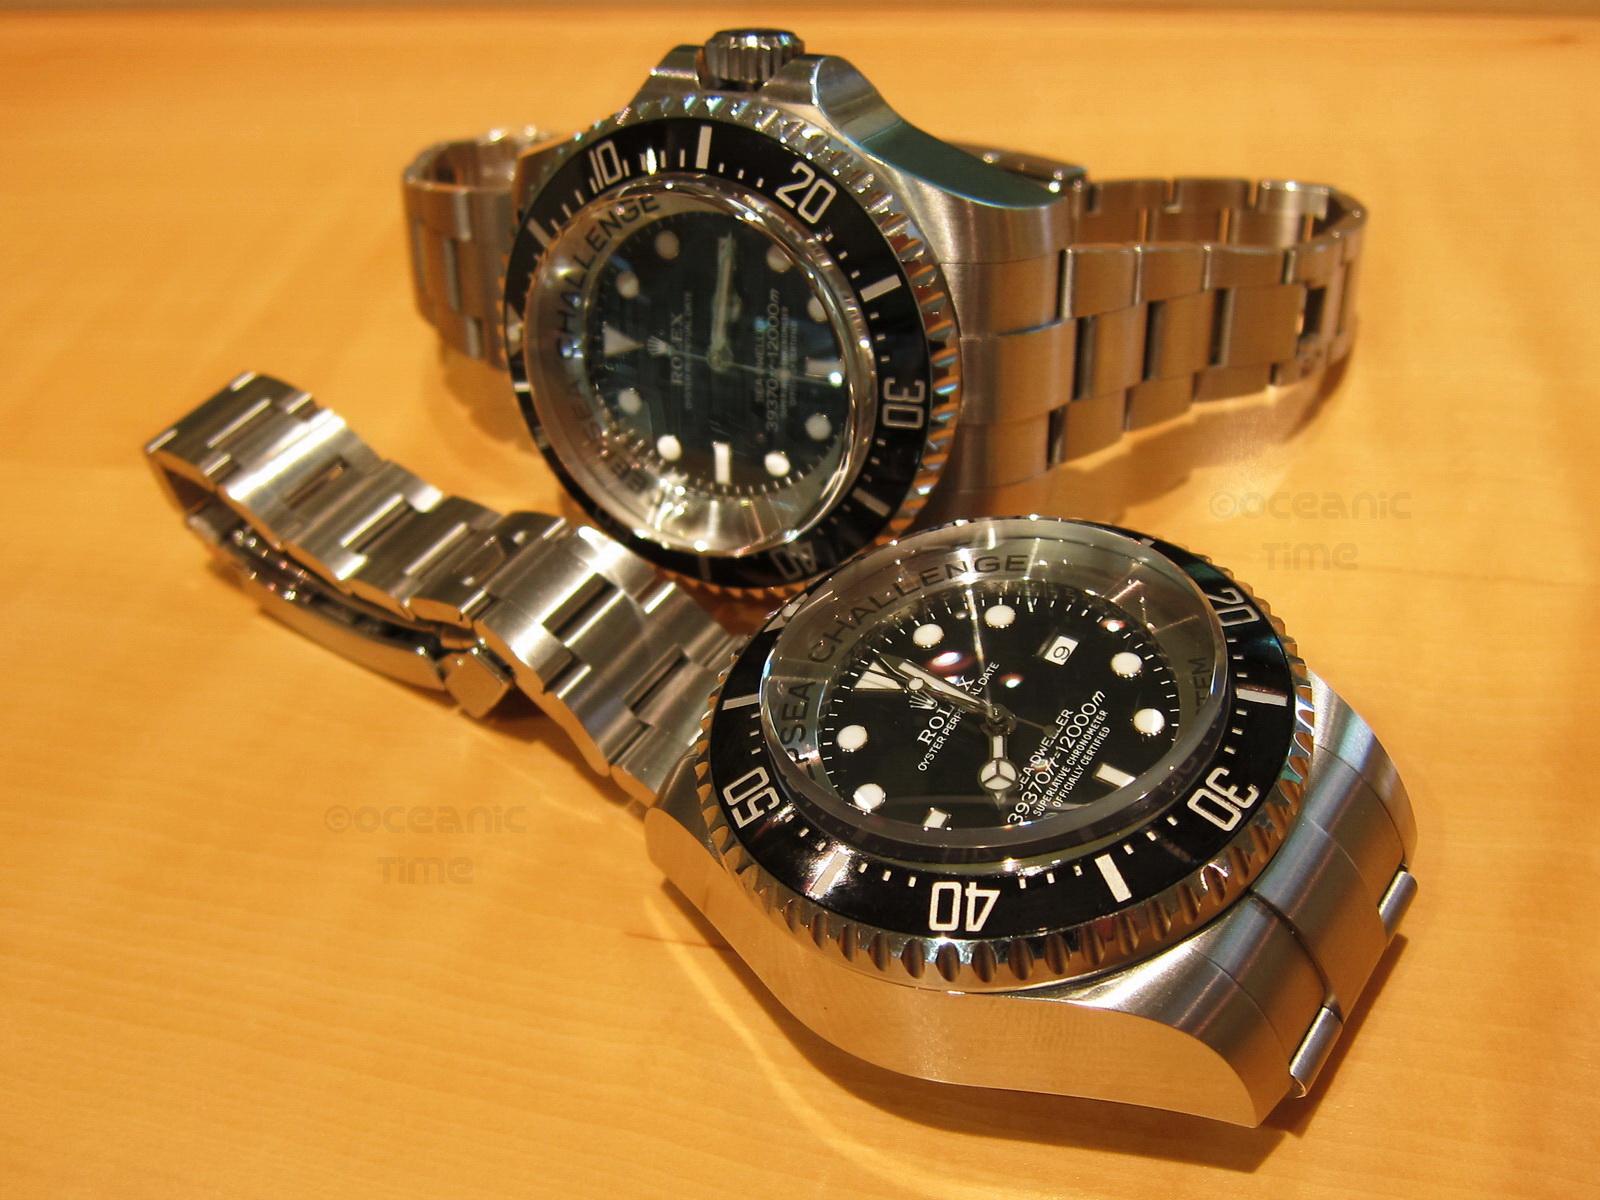 5da29c80e42 Rolex Deepsea Challenge 2012 Price